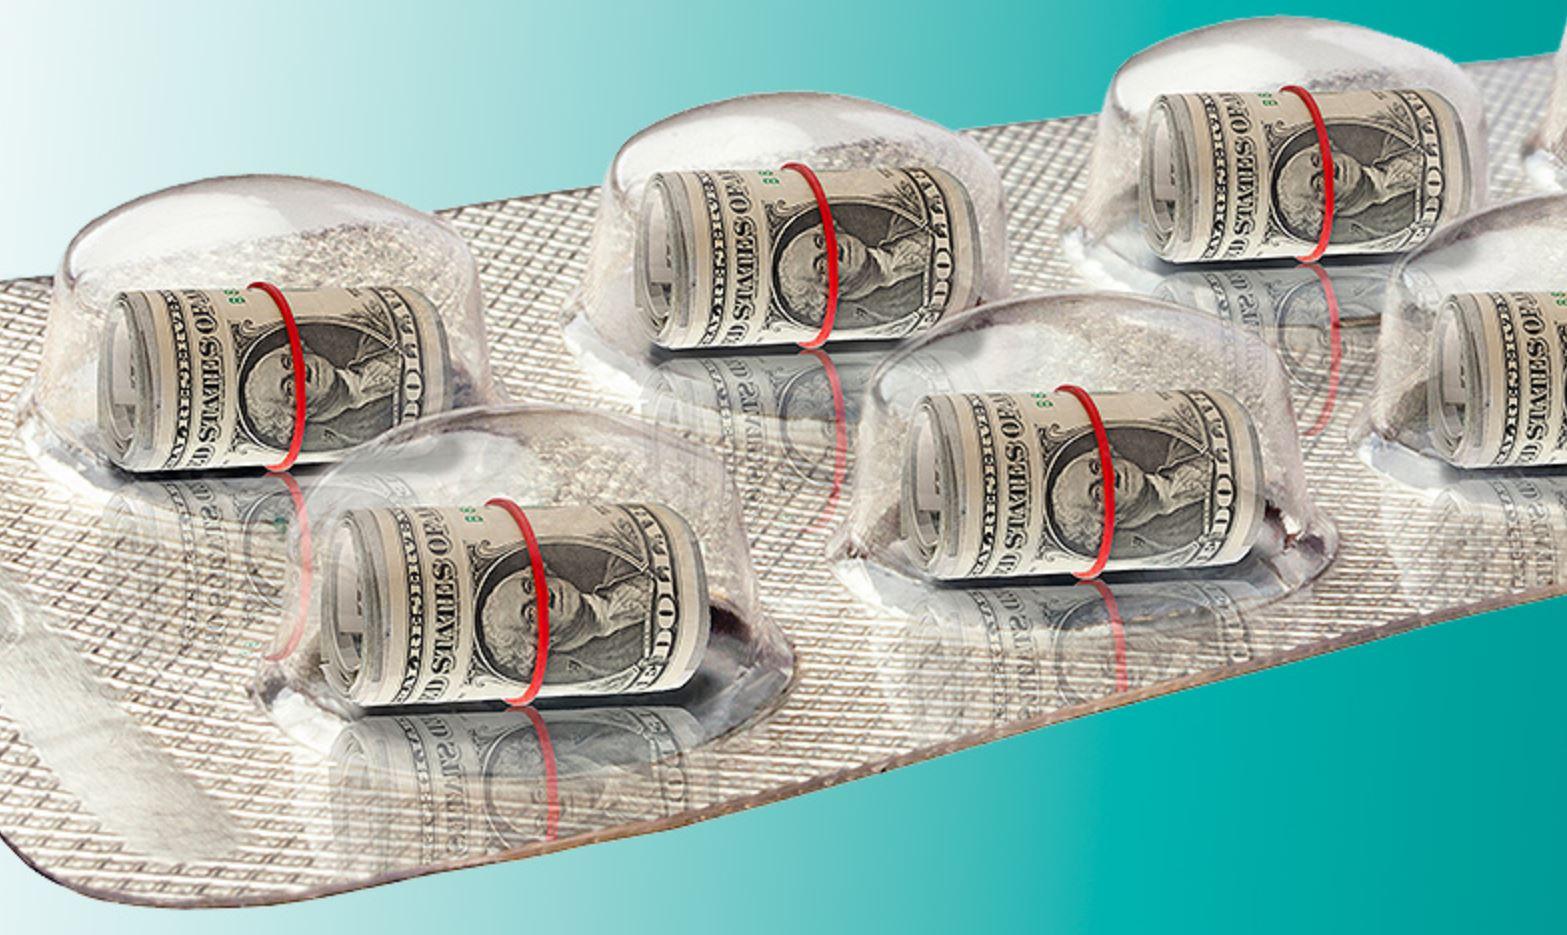 Farmaci: il mercato del terzo millennio. La nostra salute fa male alle multinazionali